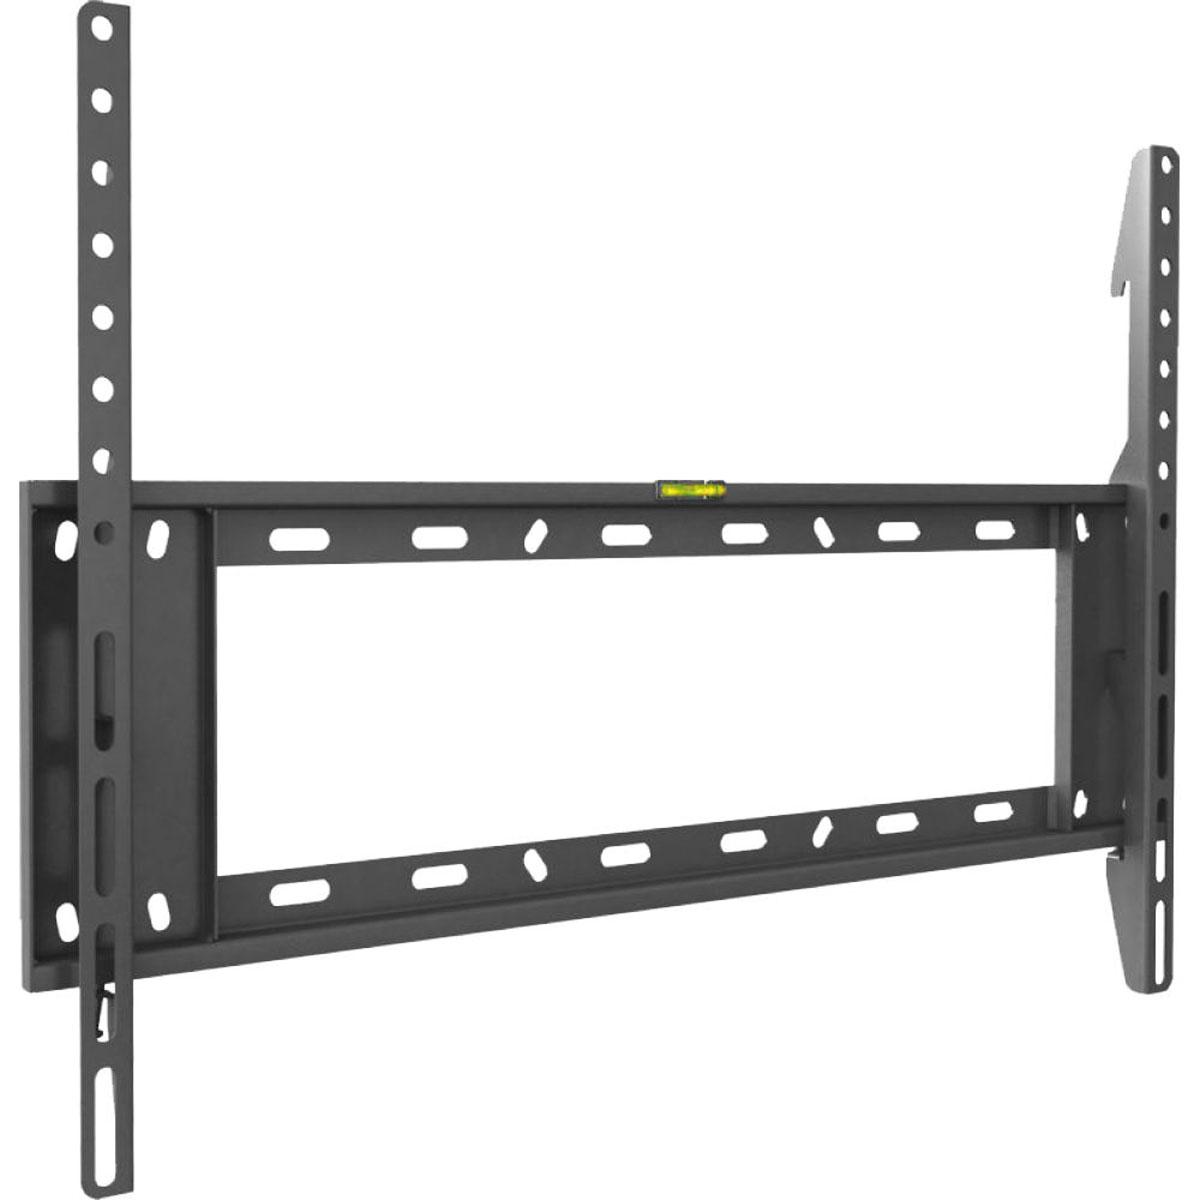 Barkan E400, Black кронштейн для ТВE400Barkan E400 - фиксированный кронштейн для LCD, LED и ЖК телевизоров с диагональю до 80 дюймов и весом до 60 кг. Компактная конструкция оснащена встроенным водяным уровнем, который поможет быстро и точно установить кронштейн. Крепеж практически незаметен благодаря близкому размещению у стены.